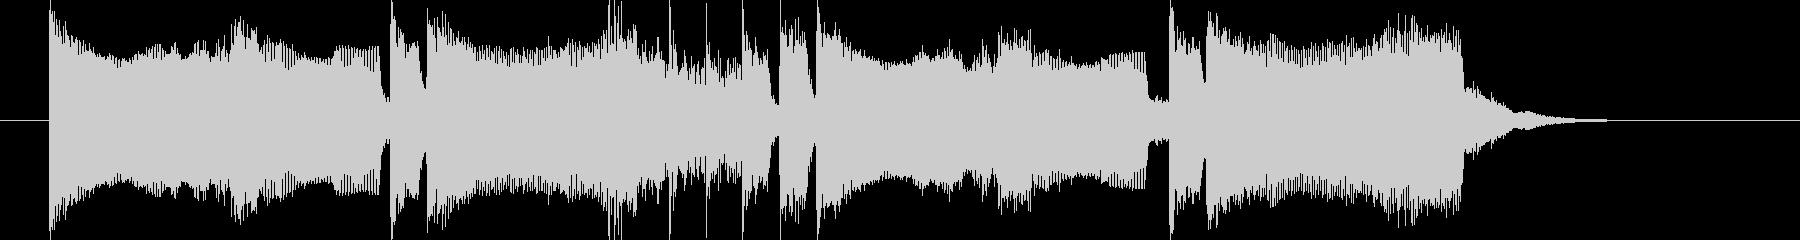 シンセとドラムの音で構成された短いSEの未再生の波形